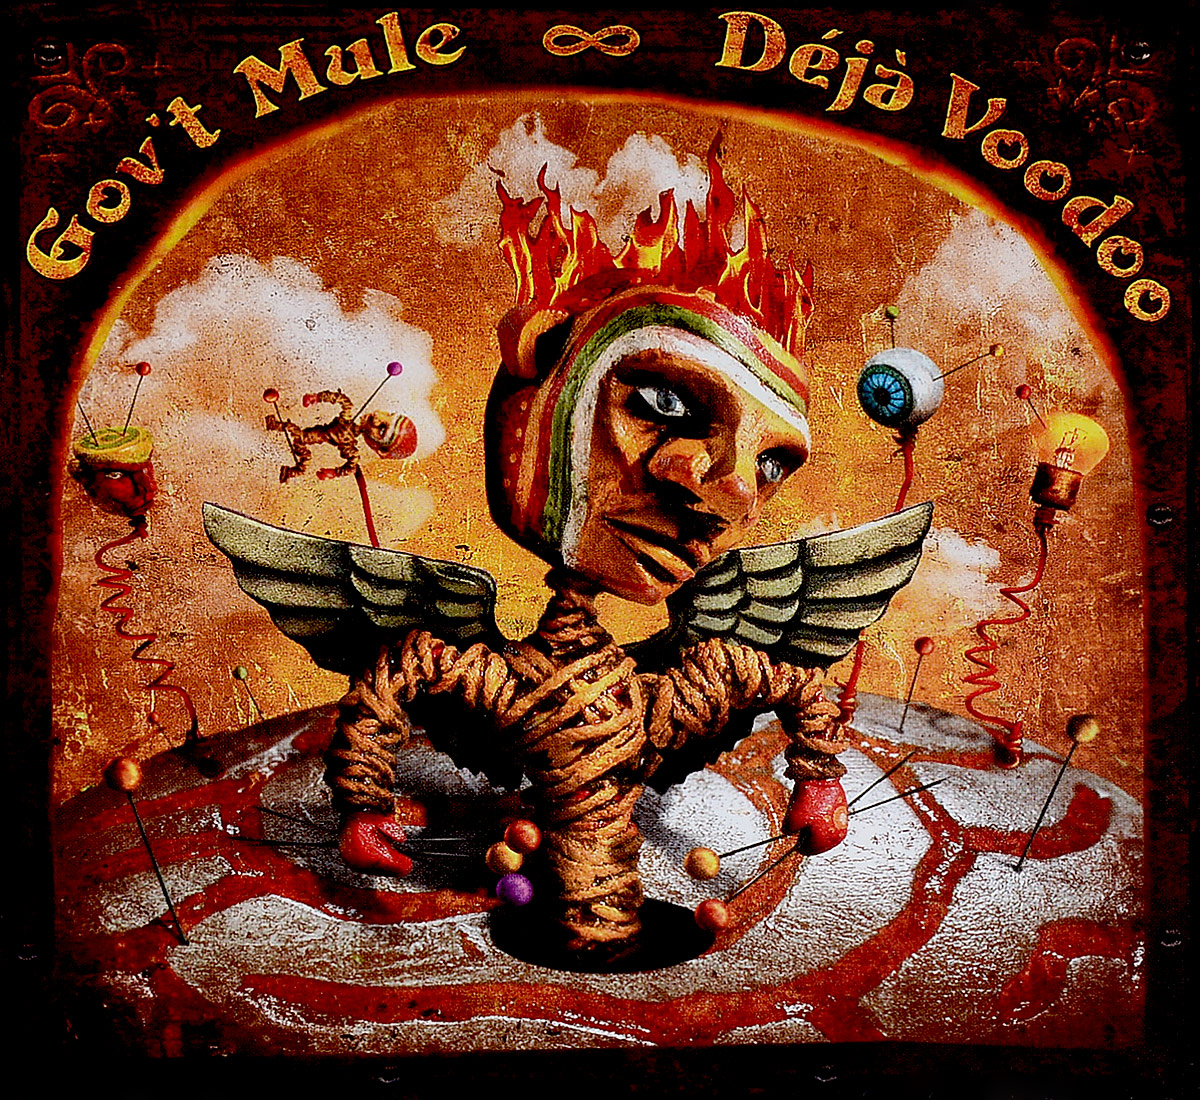 Govt Mule. Deja Voodoo (2 CD) partner brands selection in co branding projects